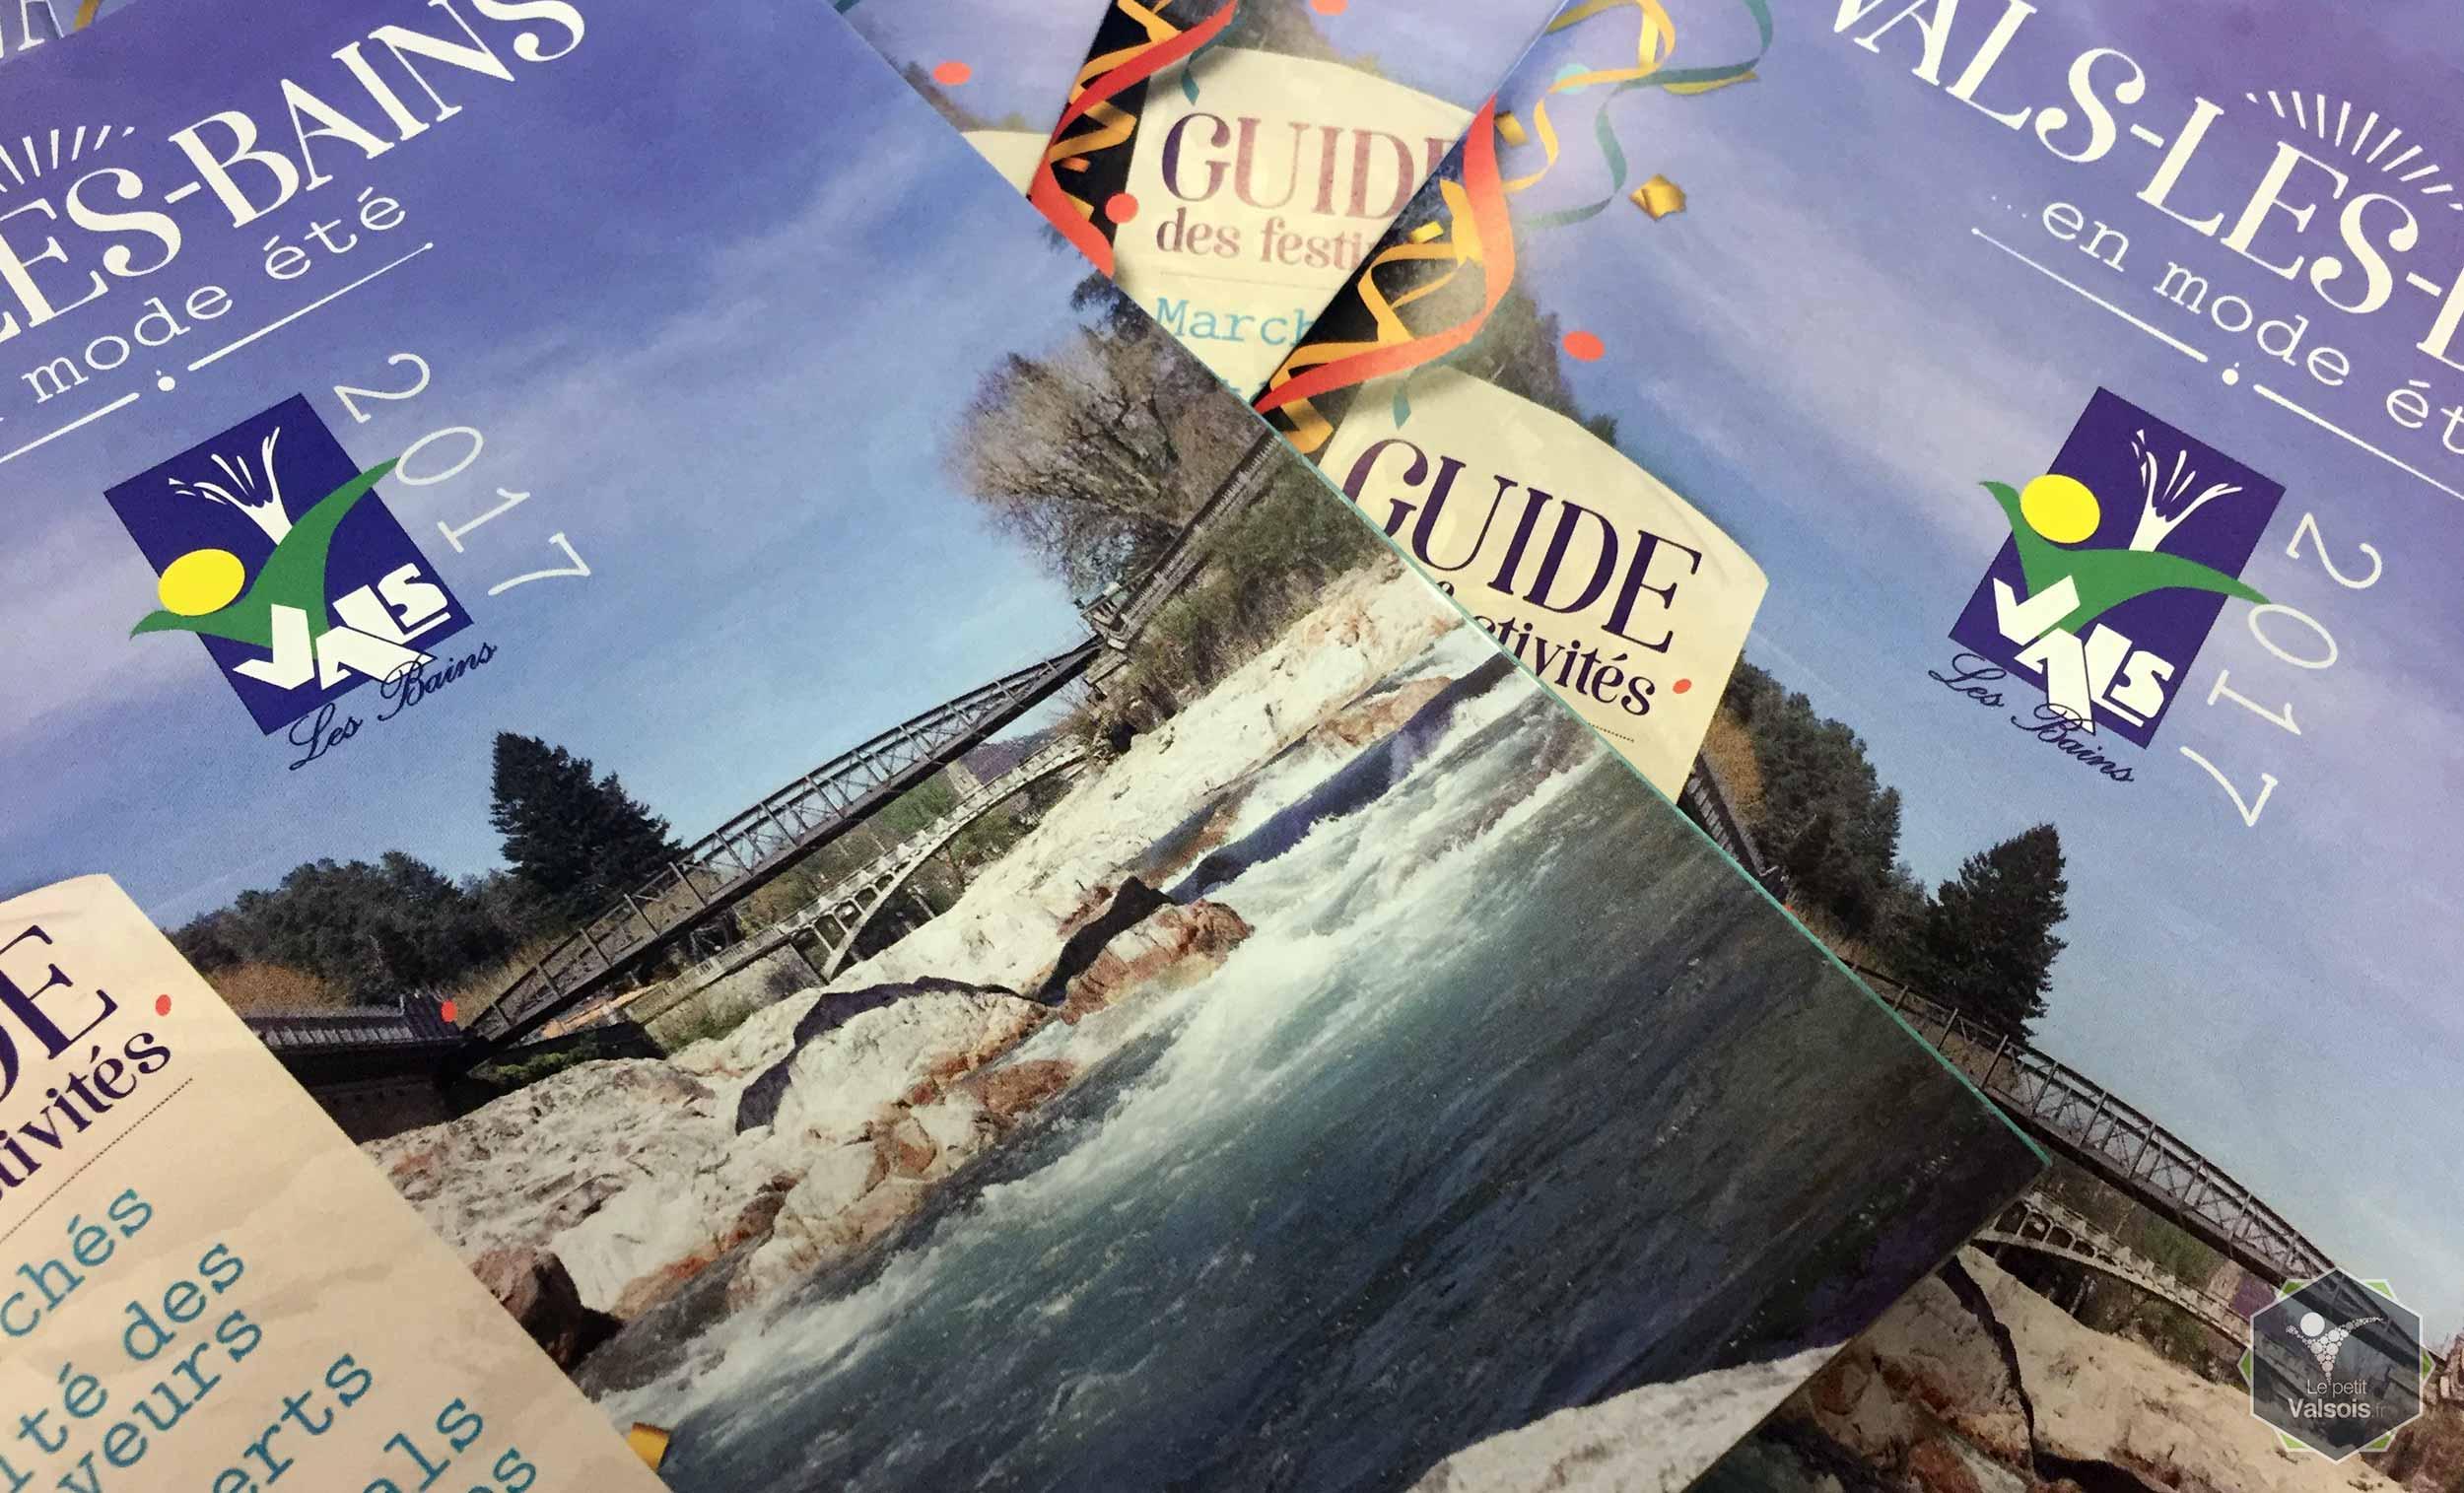 Le guide des festivités 2017 à Vals-les-Bains est désormais disponible !